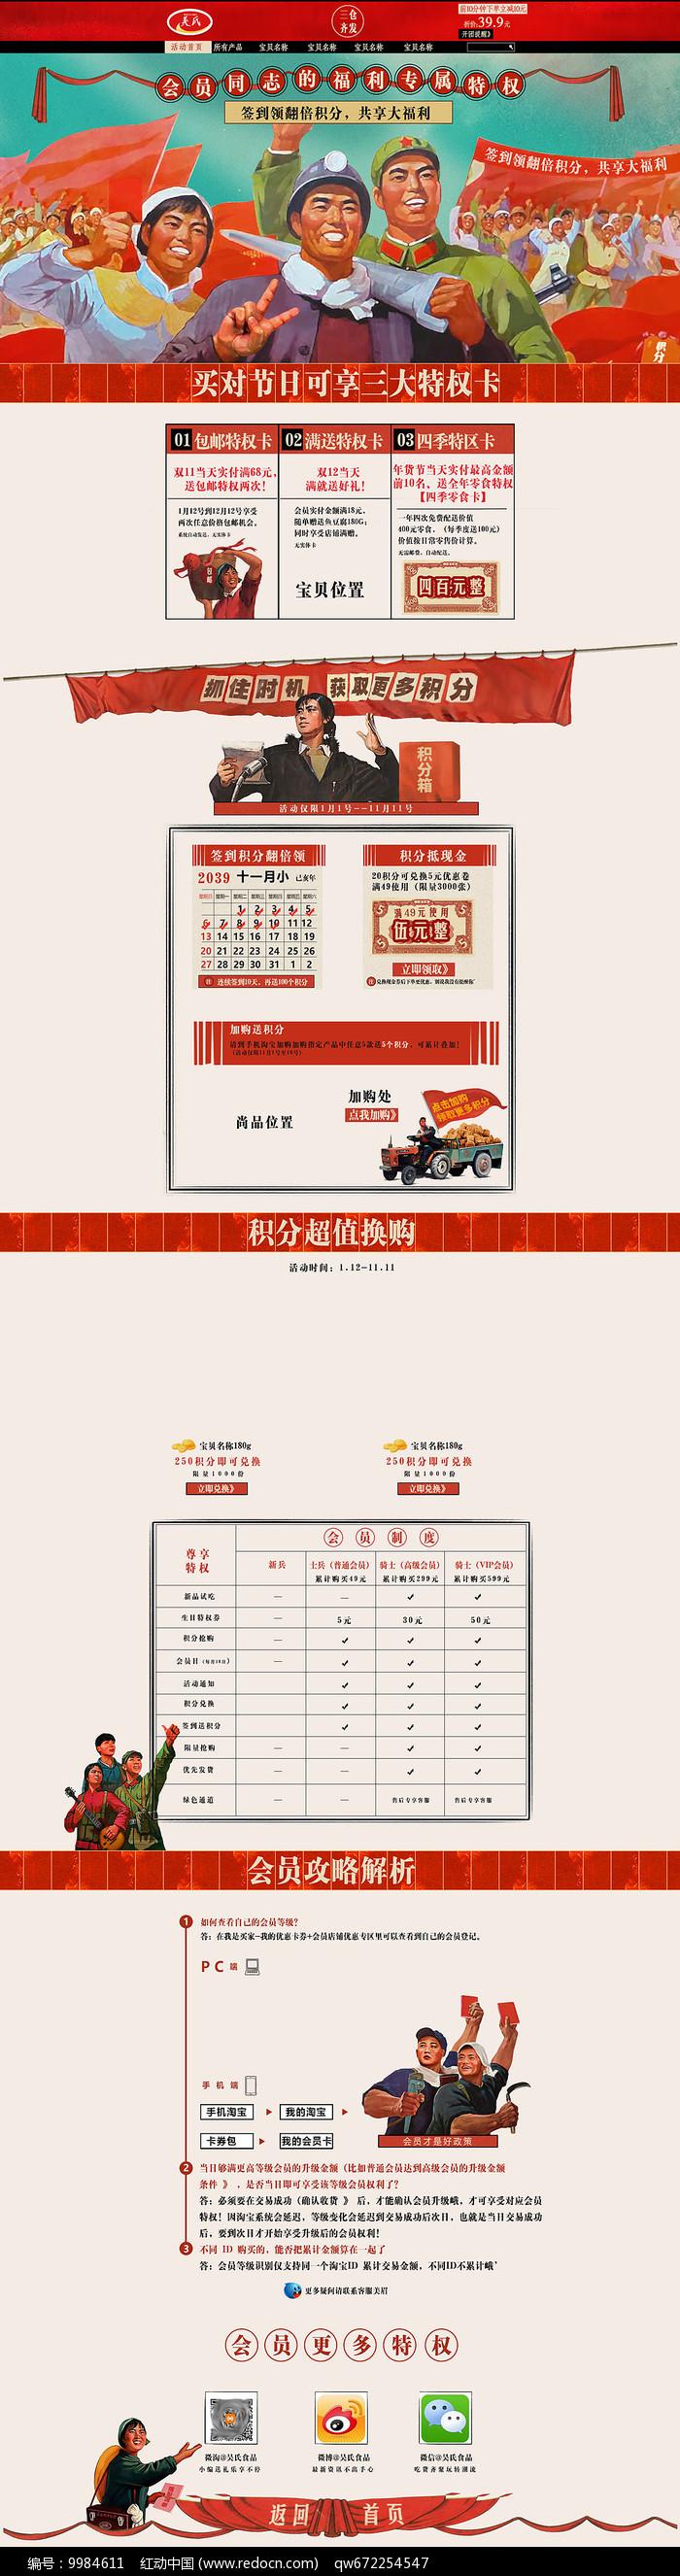 淘宝天猫店铺VIP会员专享页首页图片